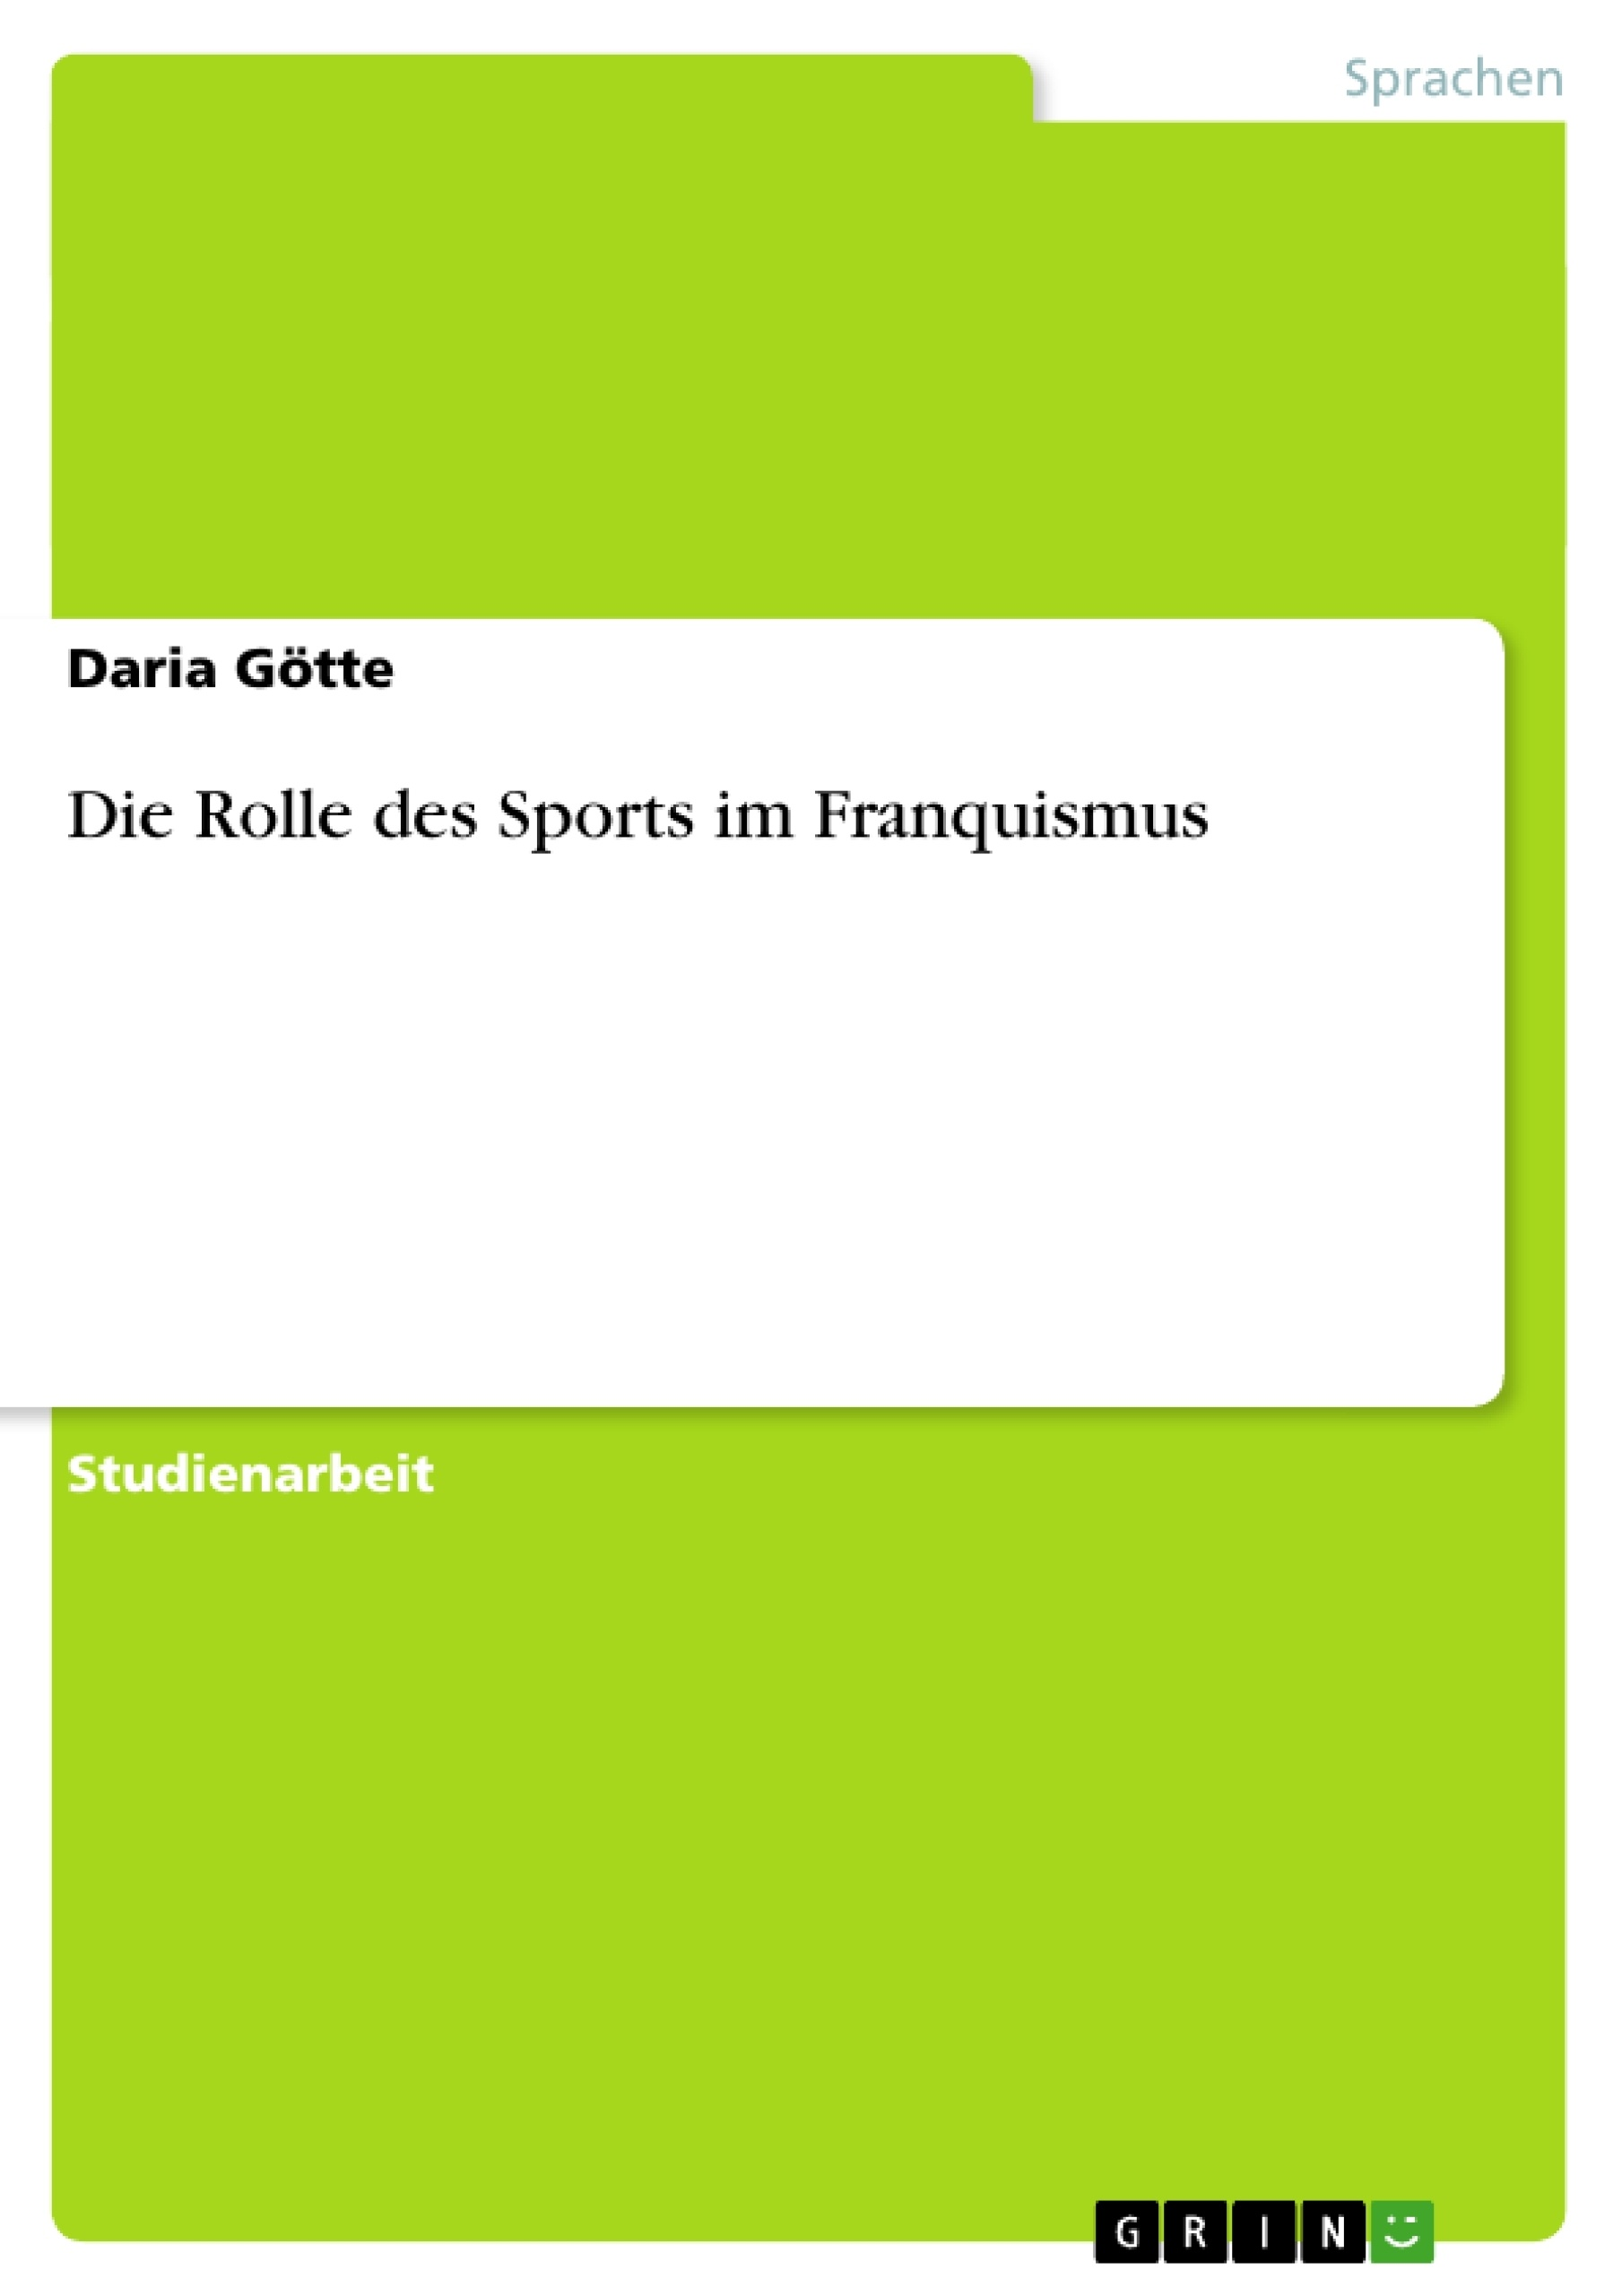 Titel: Die Rolle des Sports im Franquismus